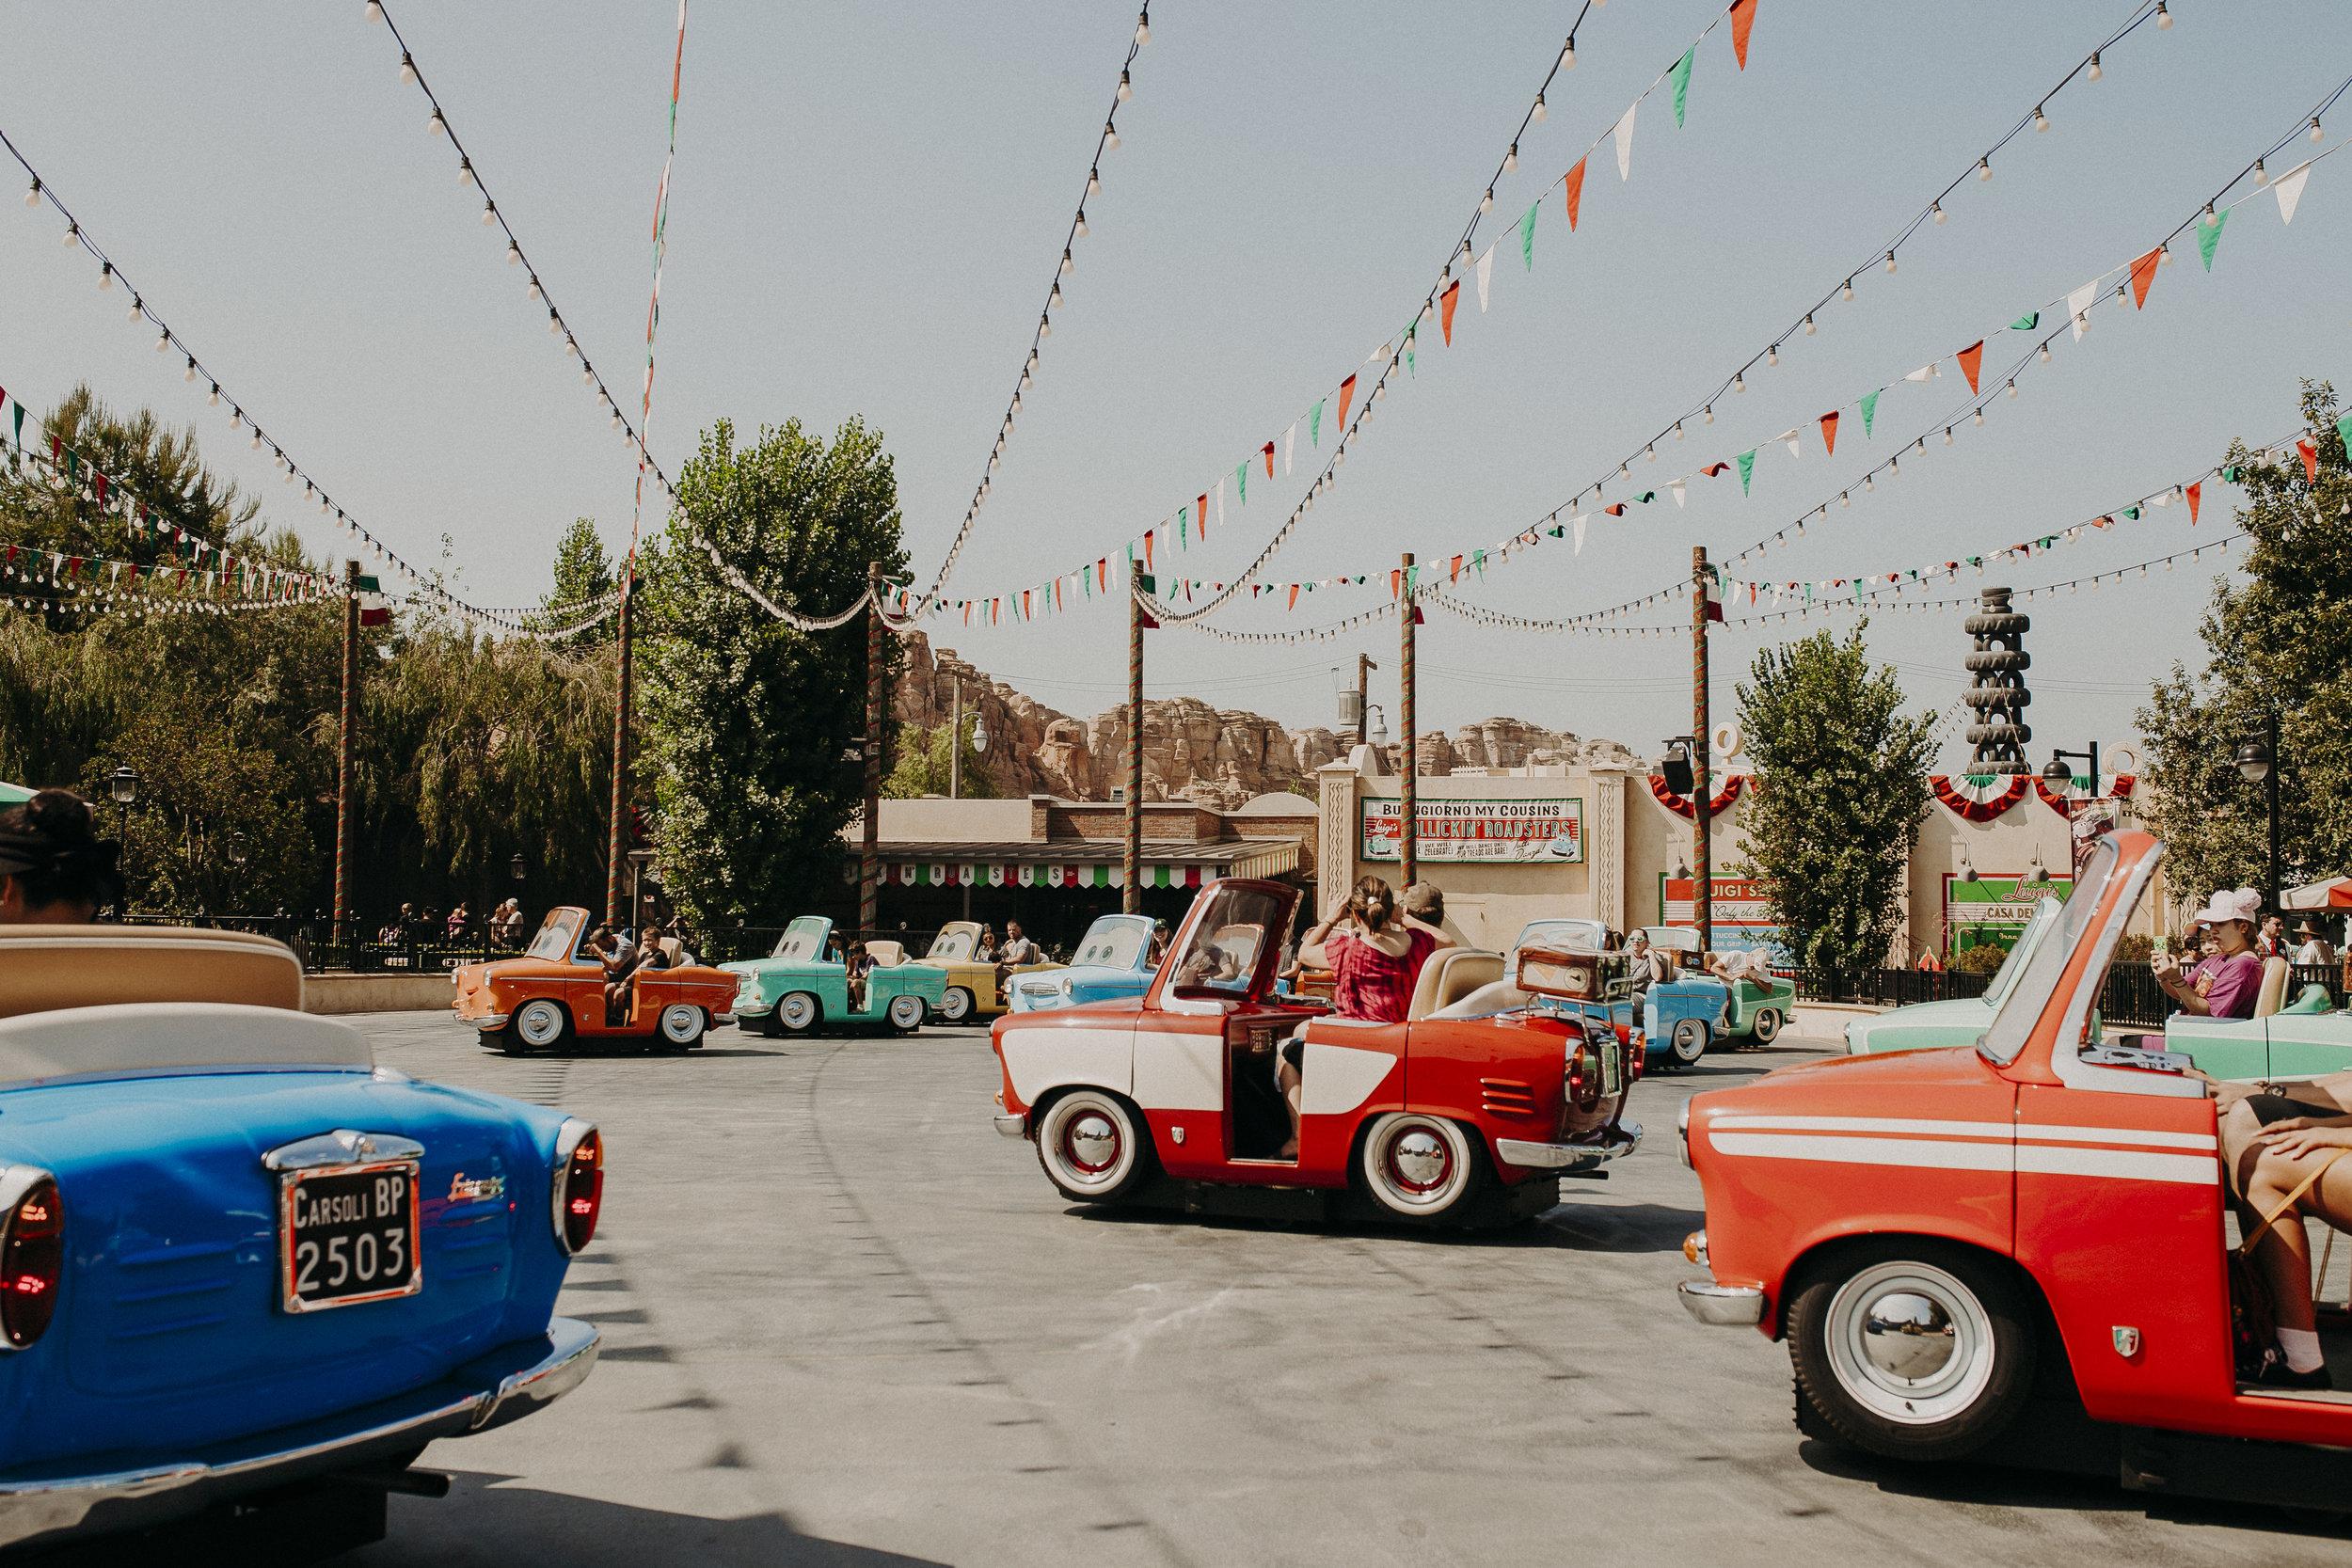 Disneys-California-Adventure-Pictures-13.jpg